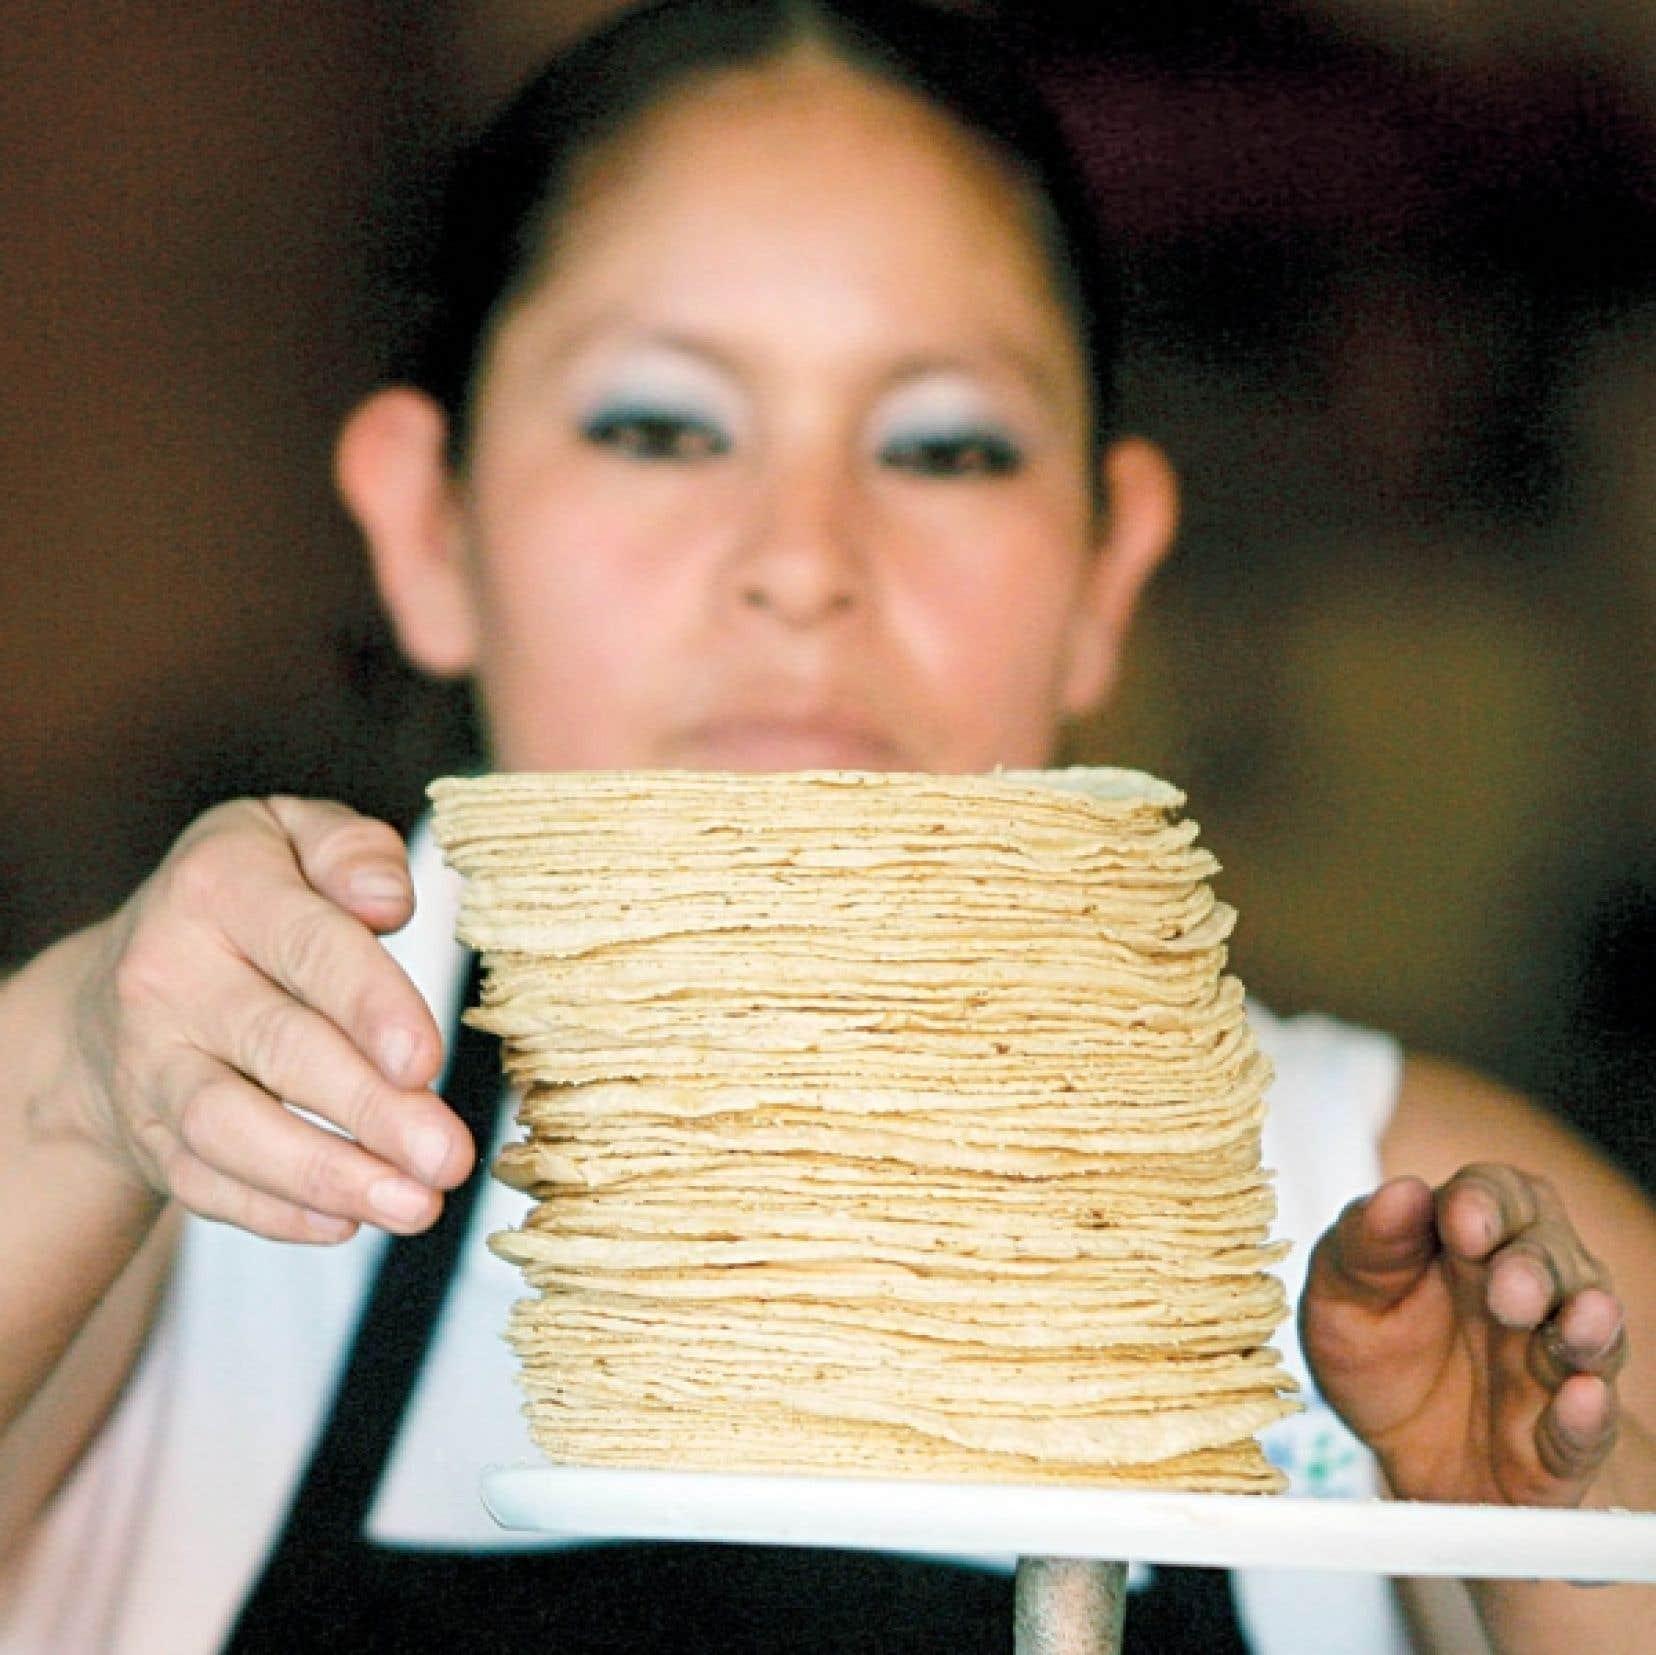 Une femme vend des torillas dans un marché de Mexico. Six millions de Mexicains vivent sous le seuil de pauvreté alimentaire.